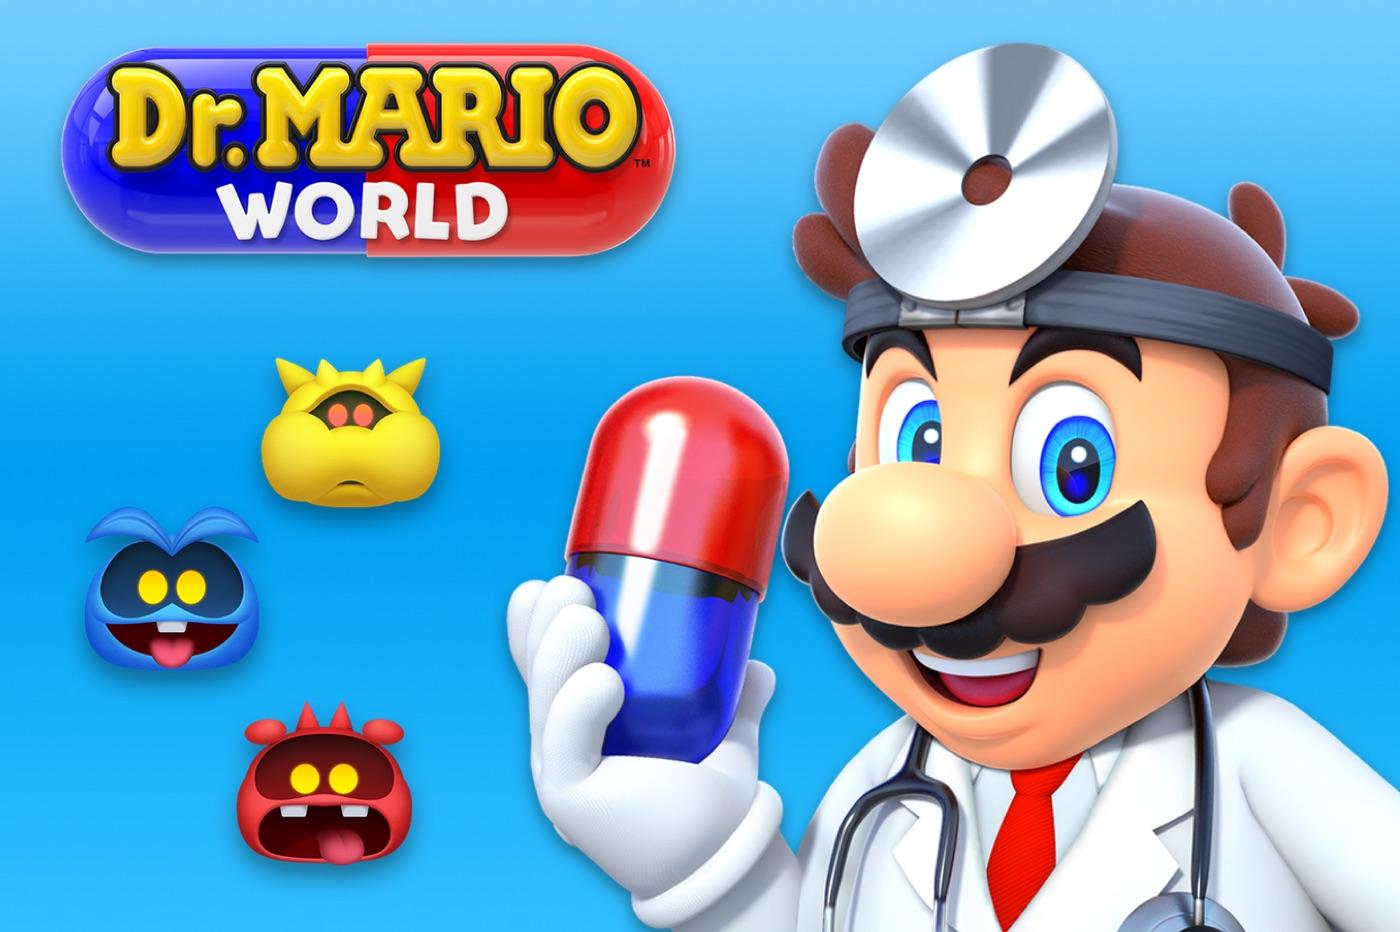 Dr. Mario World sur mobile : déjà 2 millions de joueurs en 3 jours 1